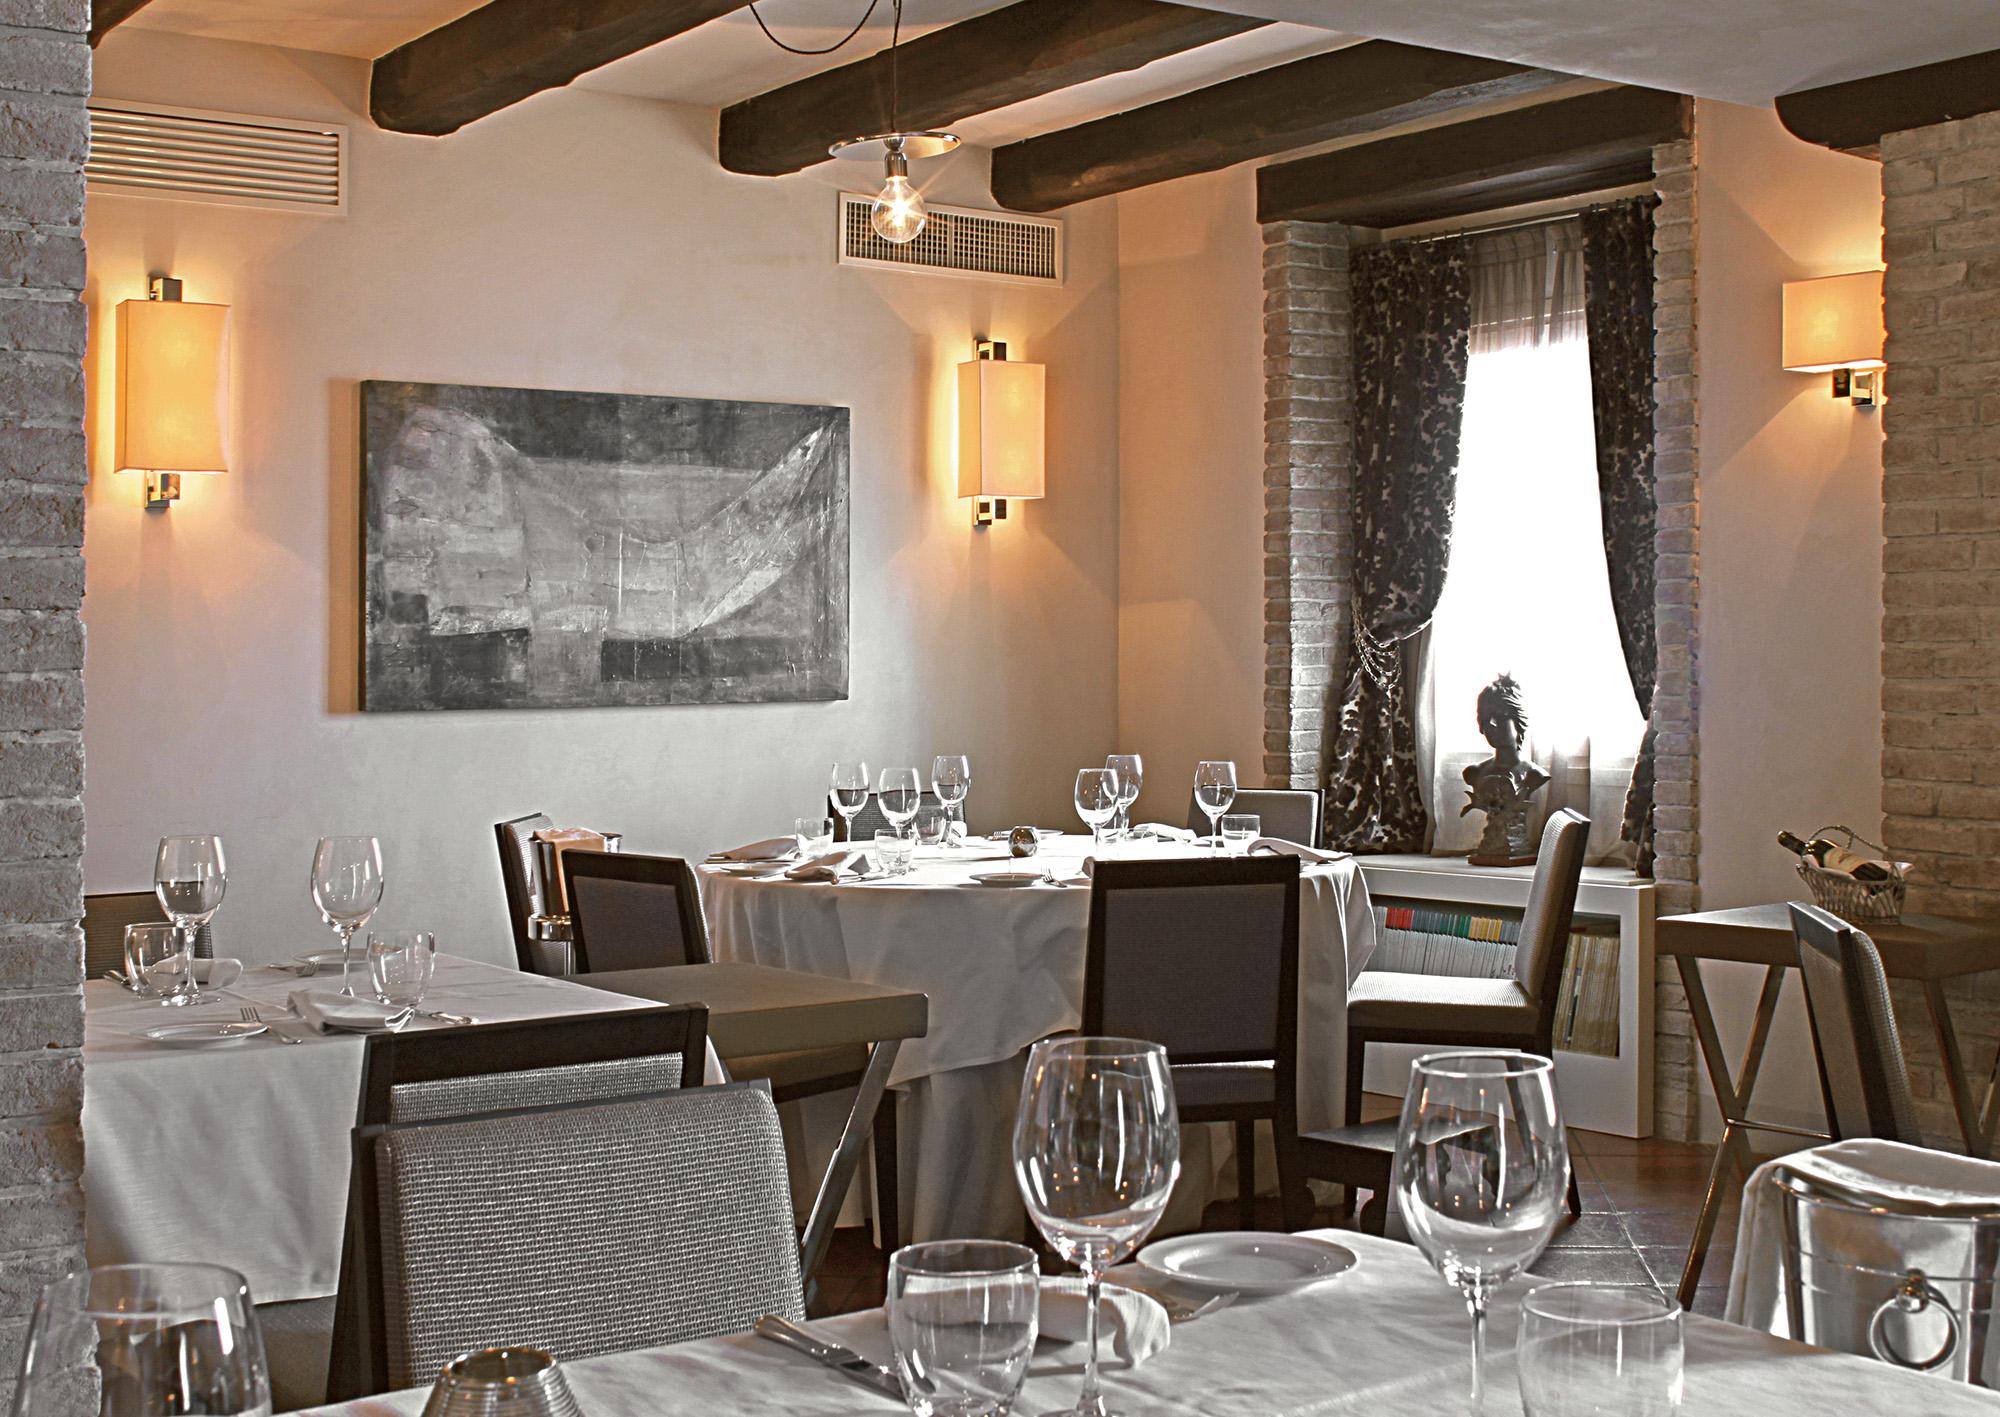 Ristorante Righi San Marino 03 | Studio Materia